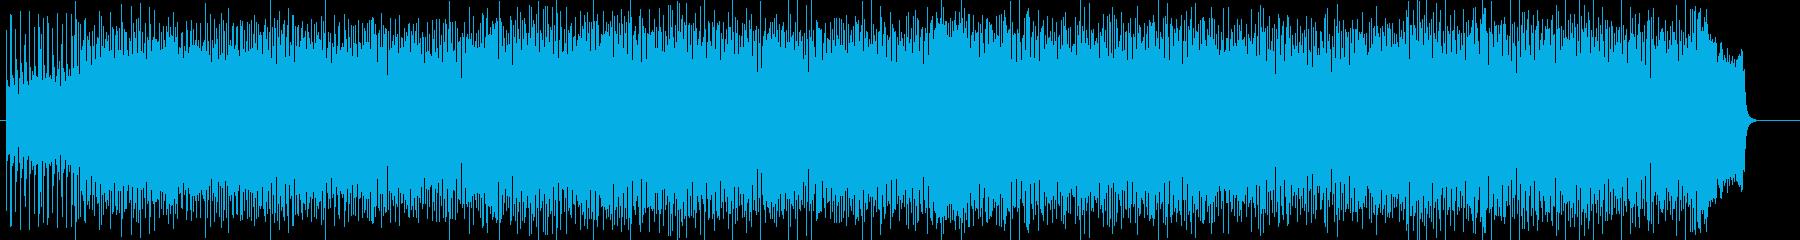 爽快感溢れるミュージックの再生済みの波形